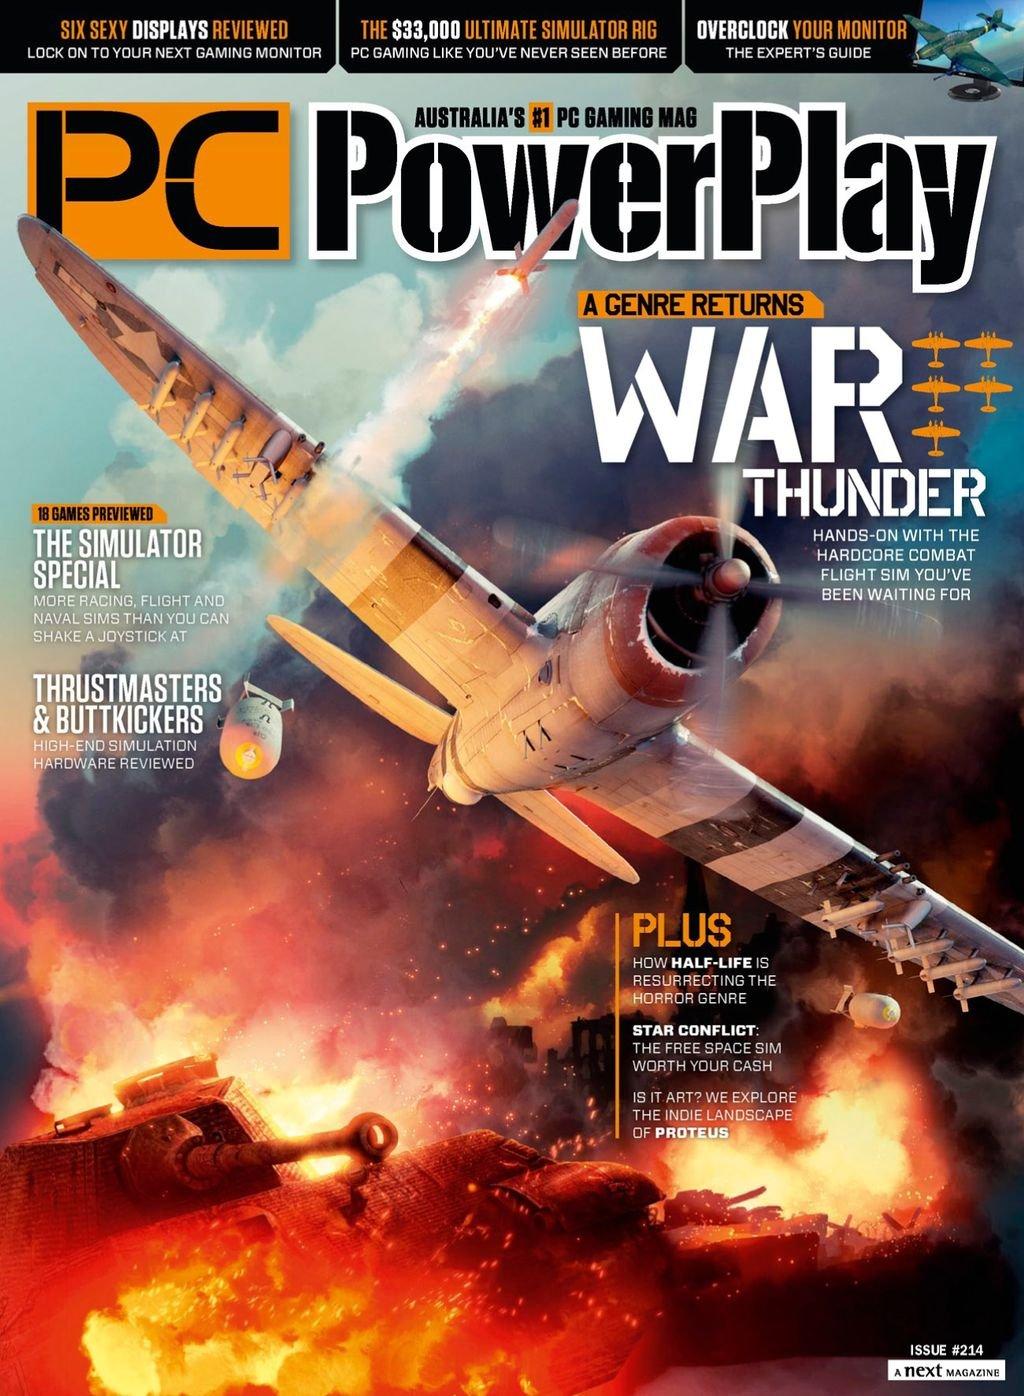 PC Powerplay 214 (April 2013)